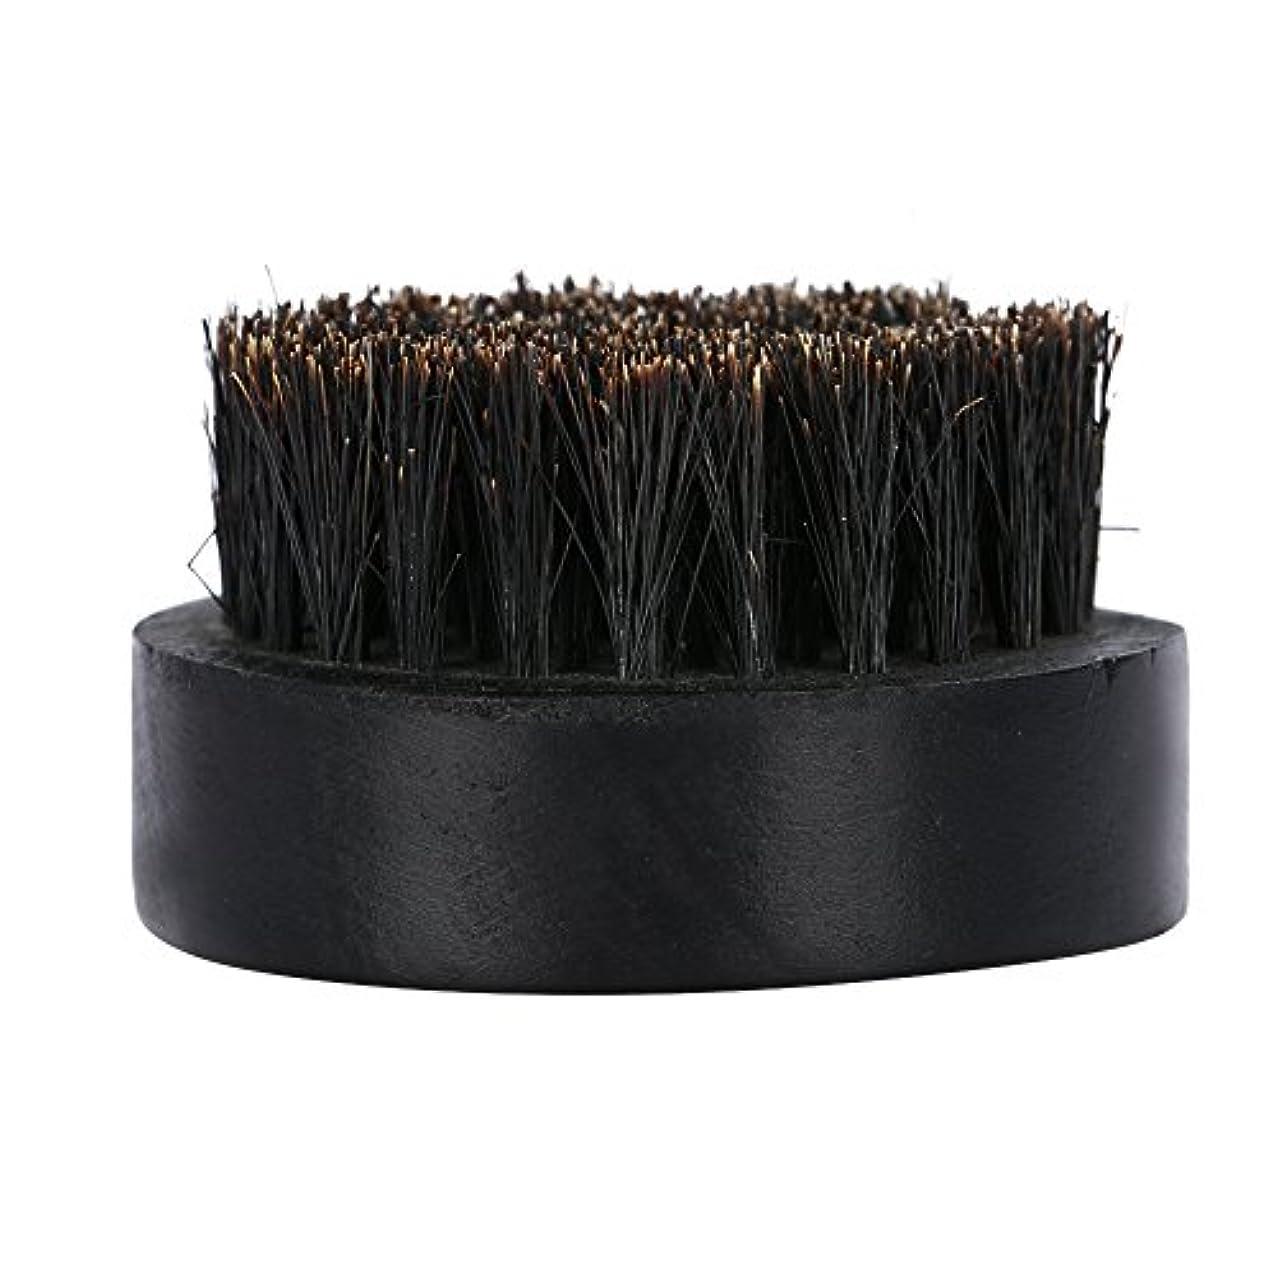 おもてなし消毒する最高Qinlorgo シェービングブラシ フェイシャルケア コンディショニング ヘアブラシ スタイリンググルーミングツール ヘアブラシスタイリンググルーミングツール 髭のメンテナンスに